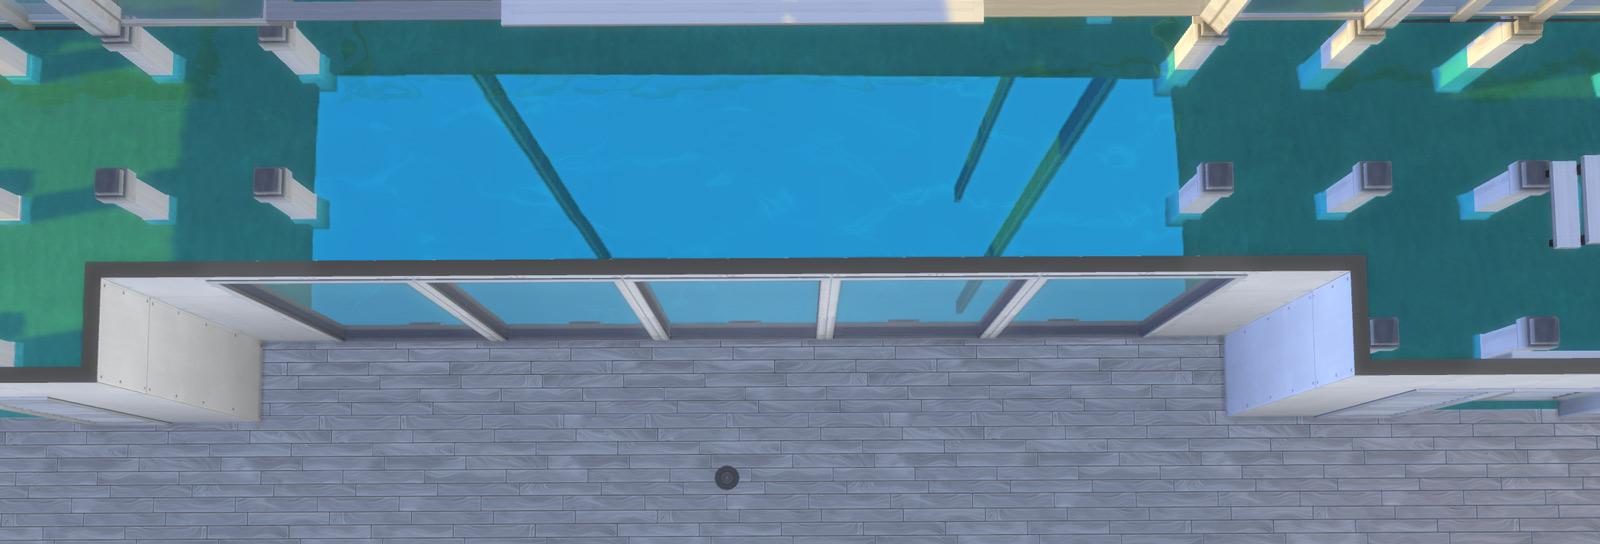 missing-floor-4-WEB.jpg